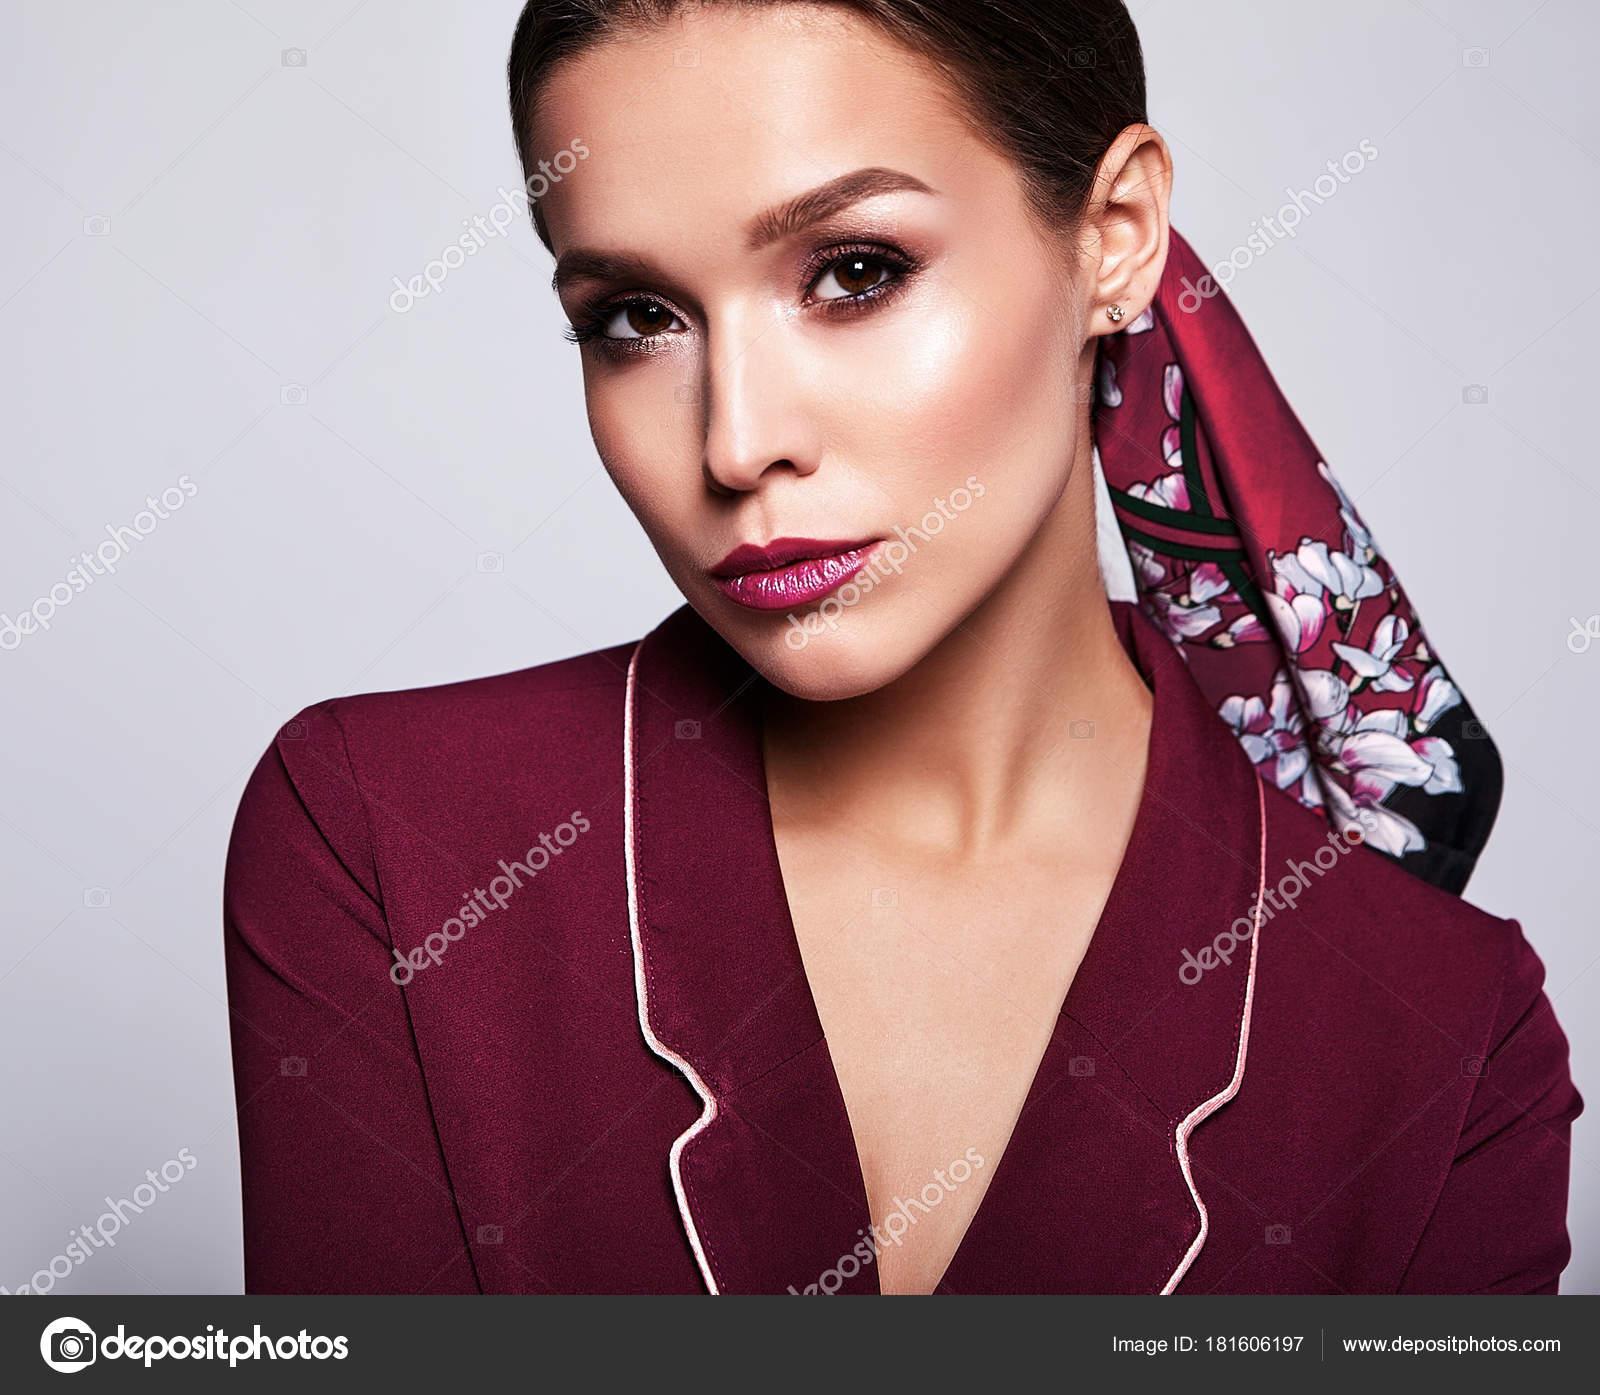 5f5b55f7666f Πορτρέτο του όμορφη σέξι μελαχρινή γυναίκα επιχειρηματικό μοντέλο σε  κόκκινο κοστούμι ρούχα με Βραδινό μακιγιάζ που απομονώνονται σε γκρίζο  φόντο — Εικόνα ...